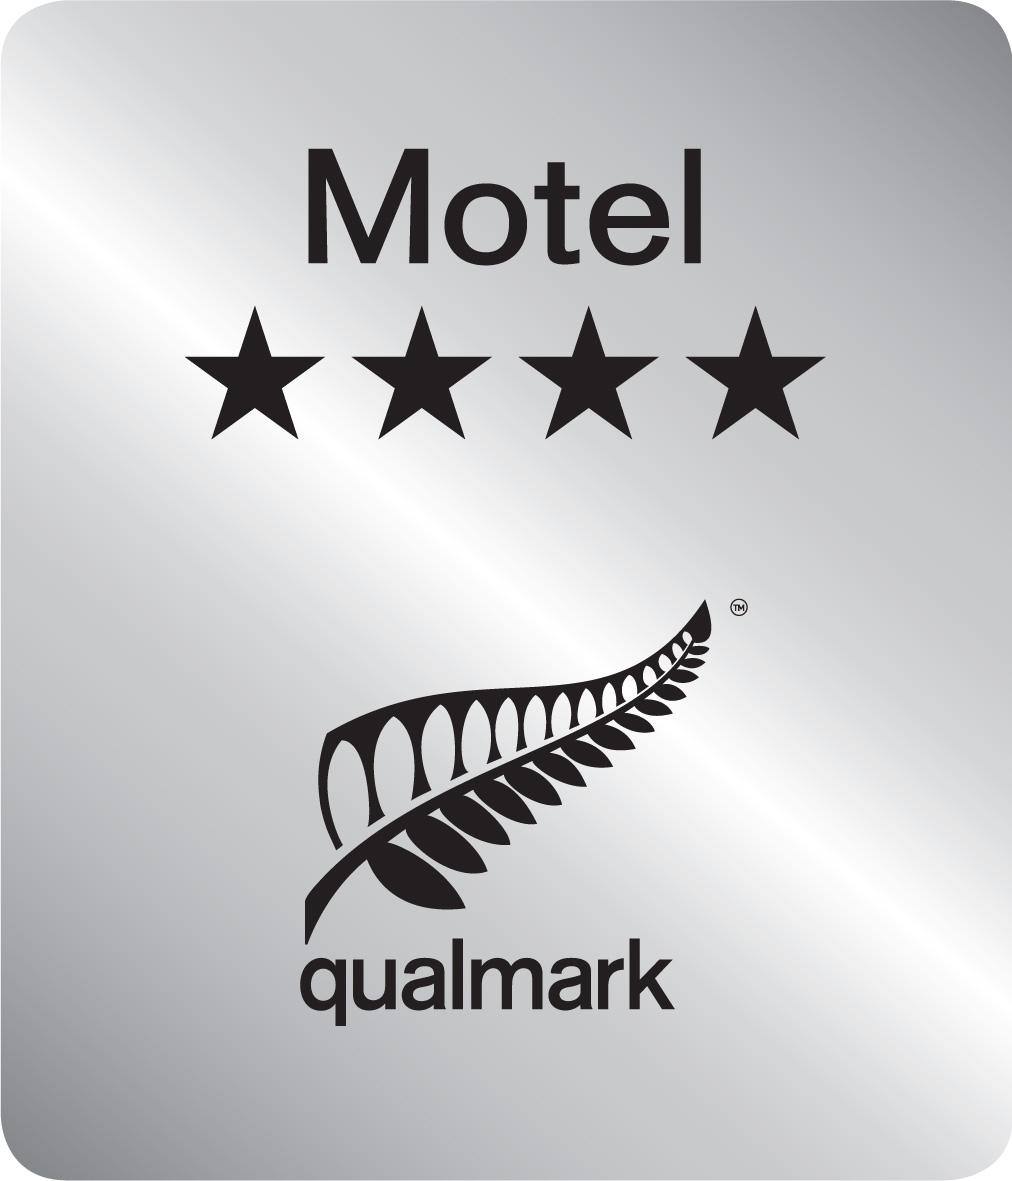 Hot water beach accommodation motels